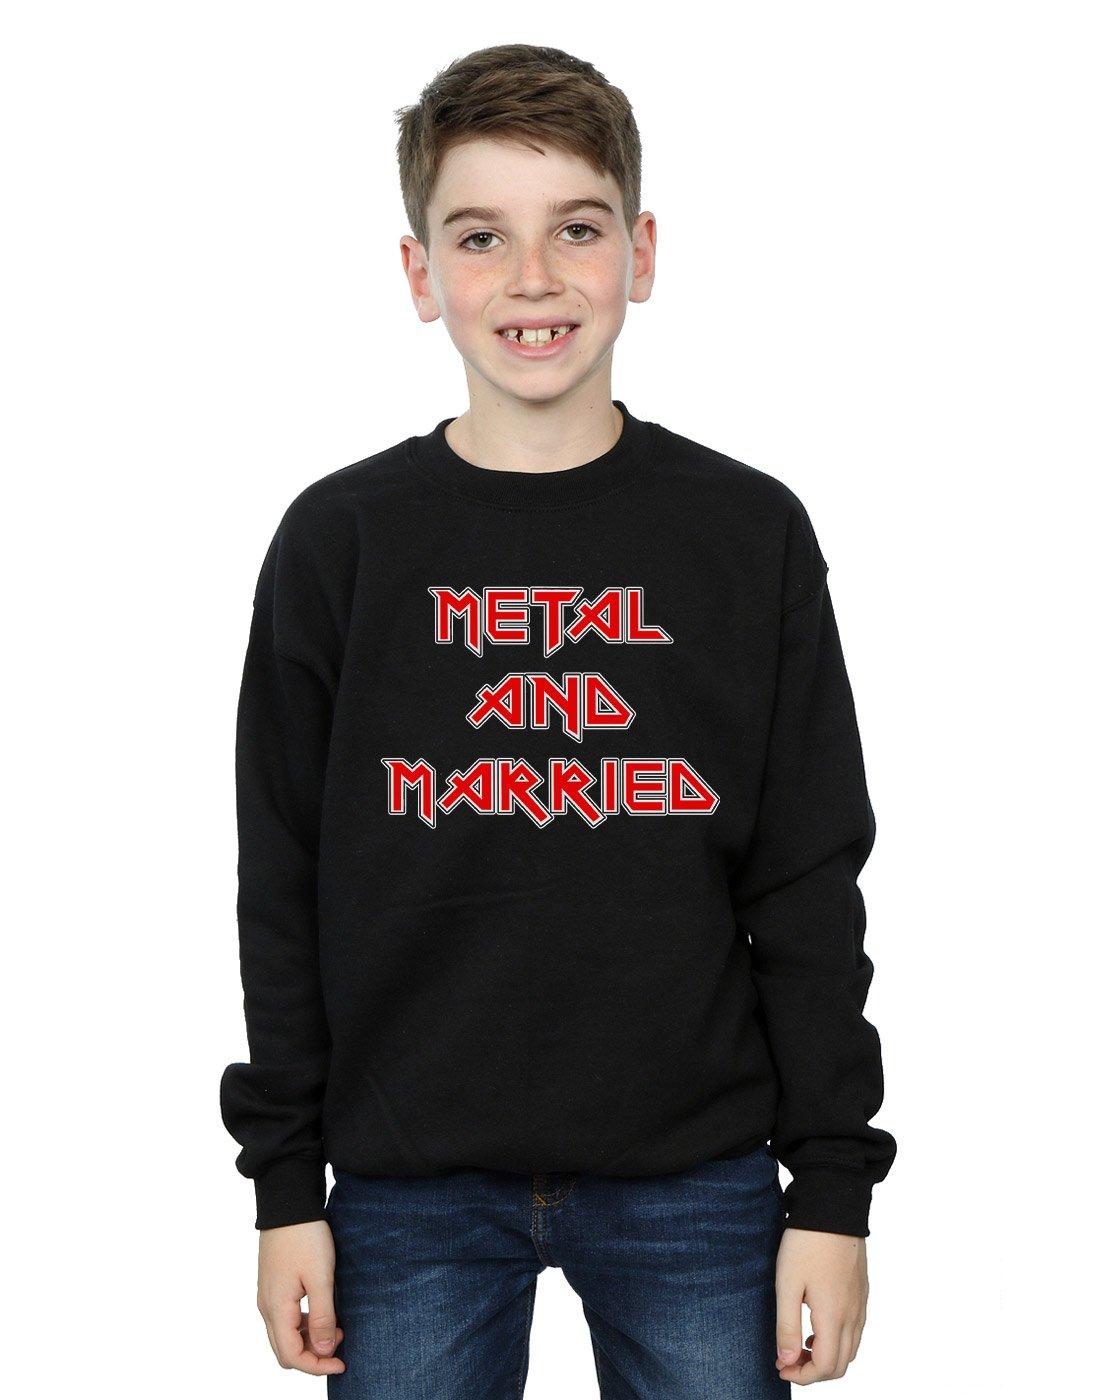 Absolute Cult Drewbacca Boys Metal and Married Sweatshirt Black 9-11 Years